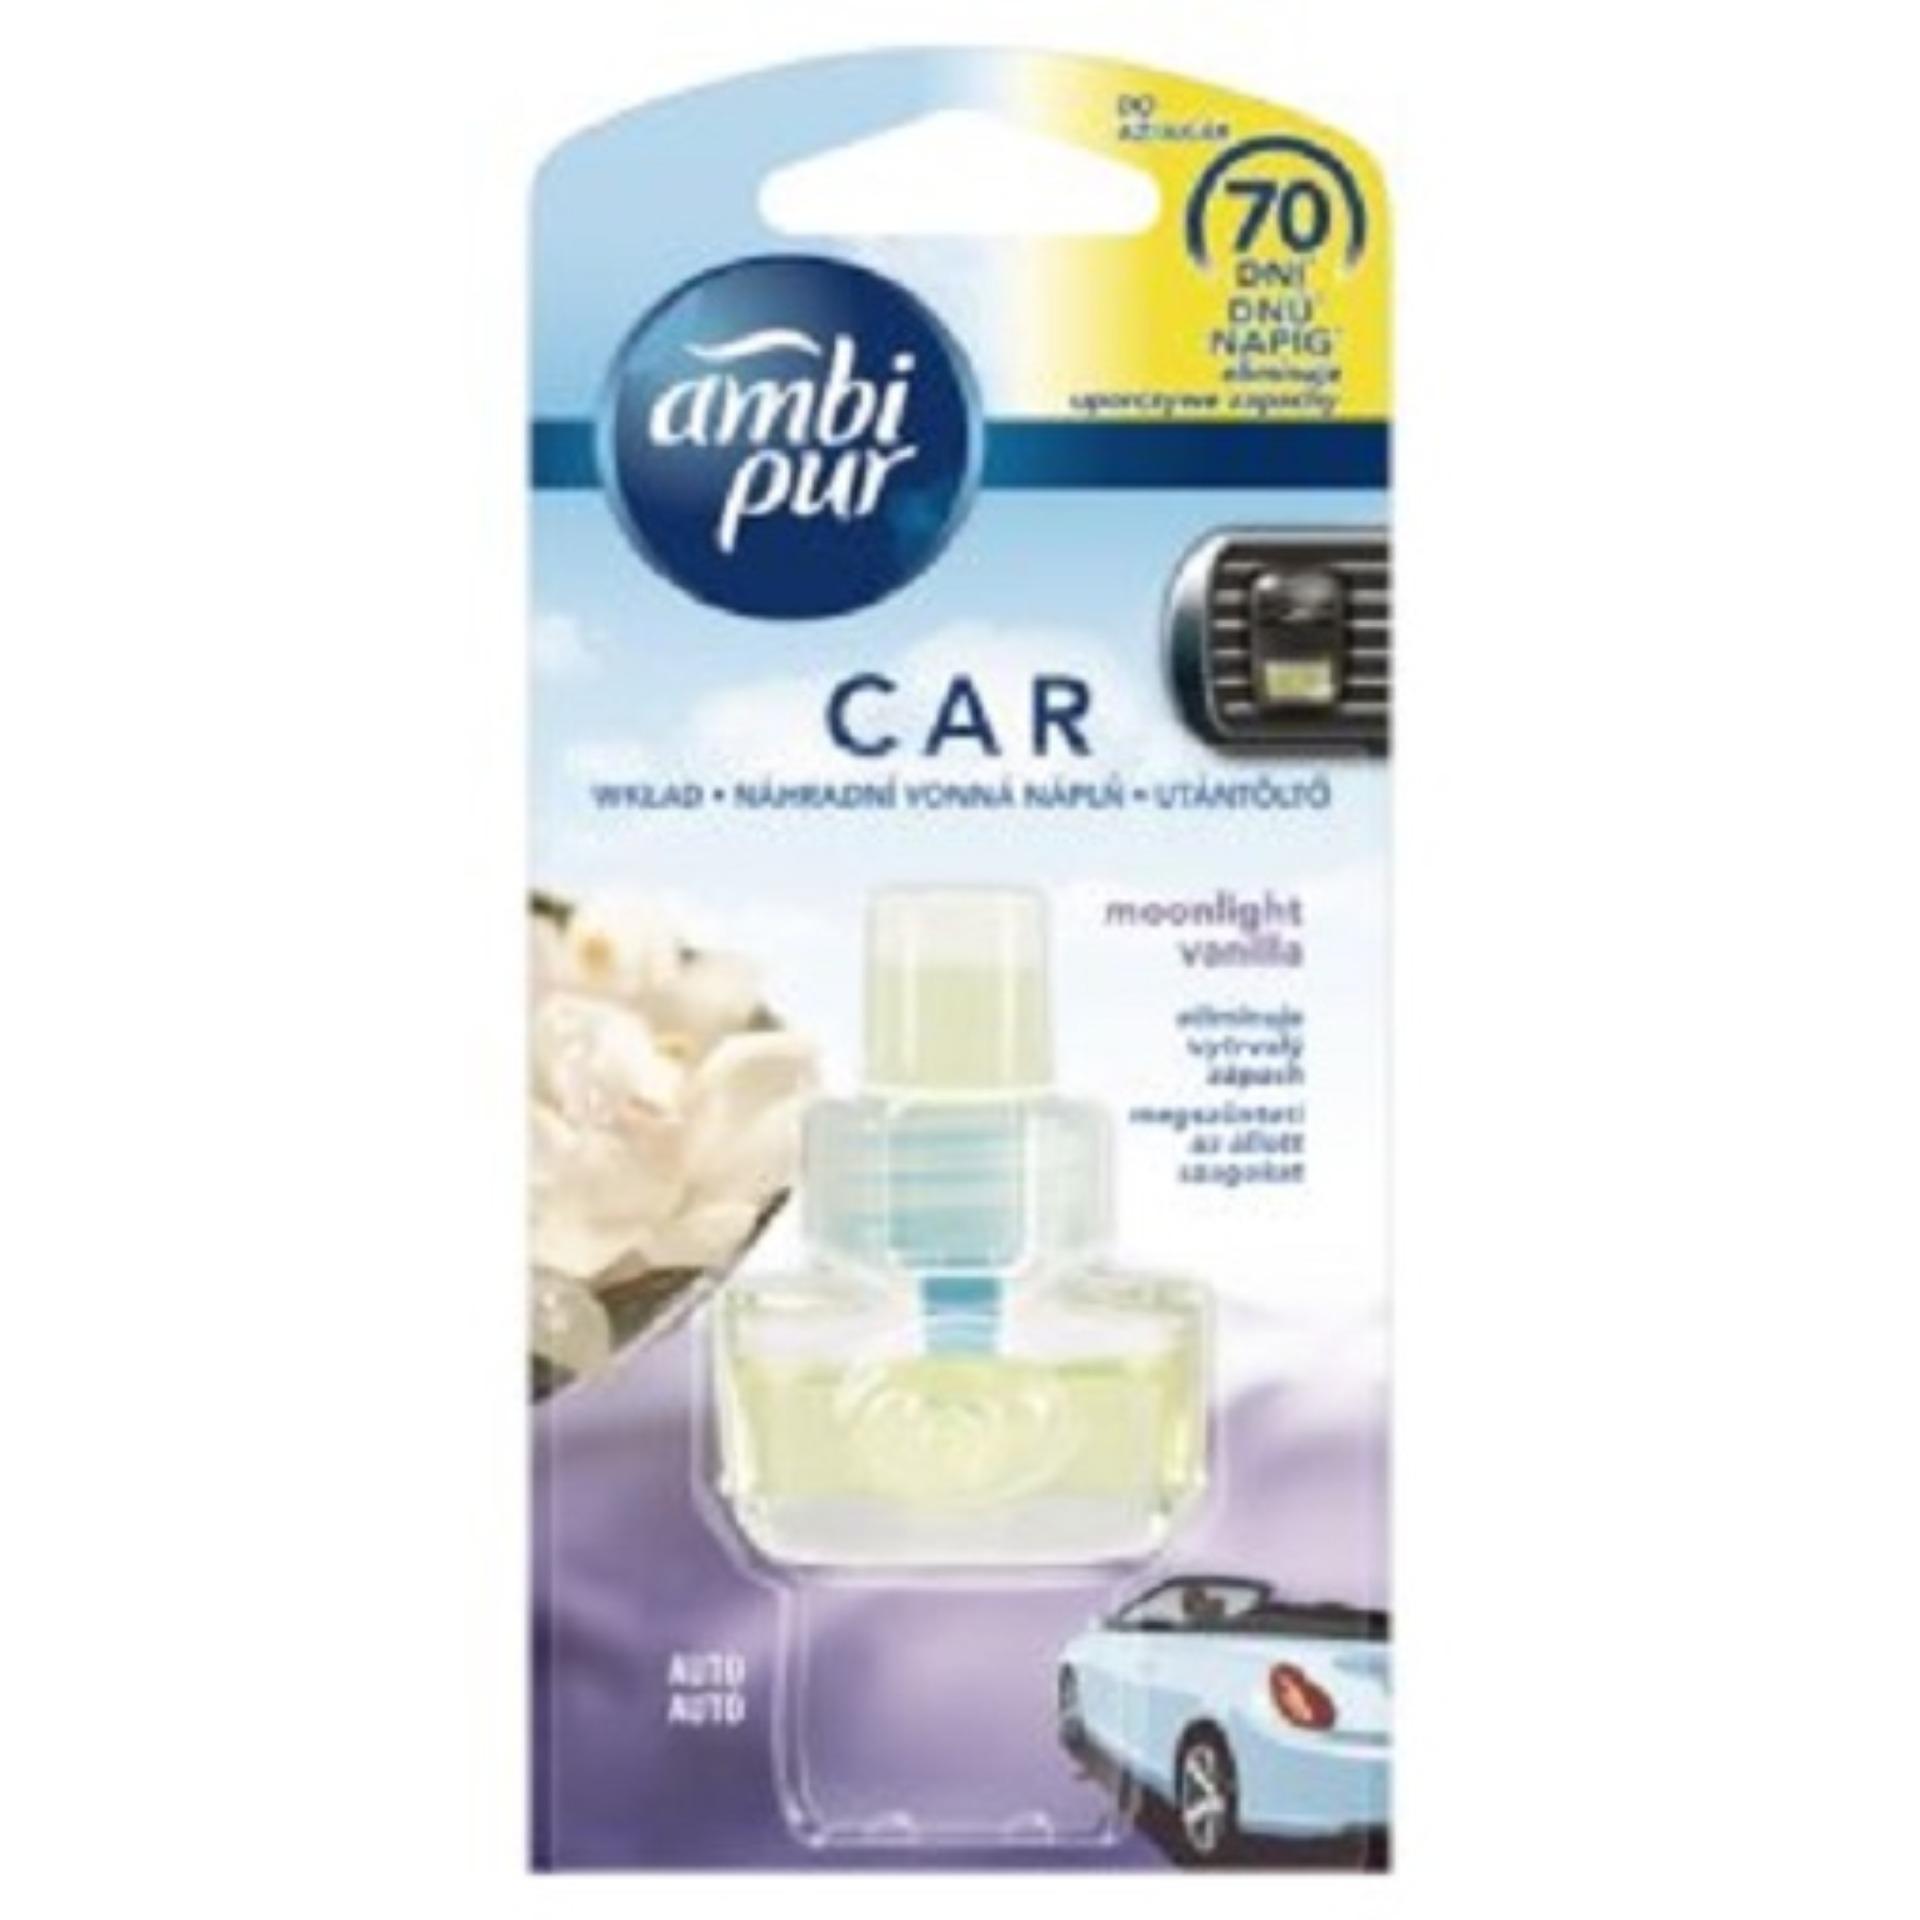 Mã Khuyến Mại Chai Tinh Dầu Thơm O To Thay Thế Ambi Pur Car Air Freshener Refill Abp8967 7Ml Hương Vani Trong Hồ Chí Minh